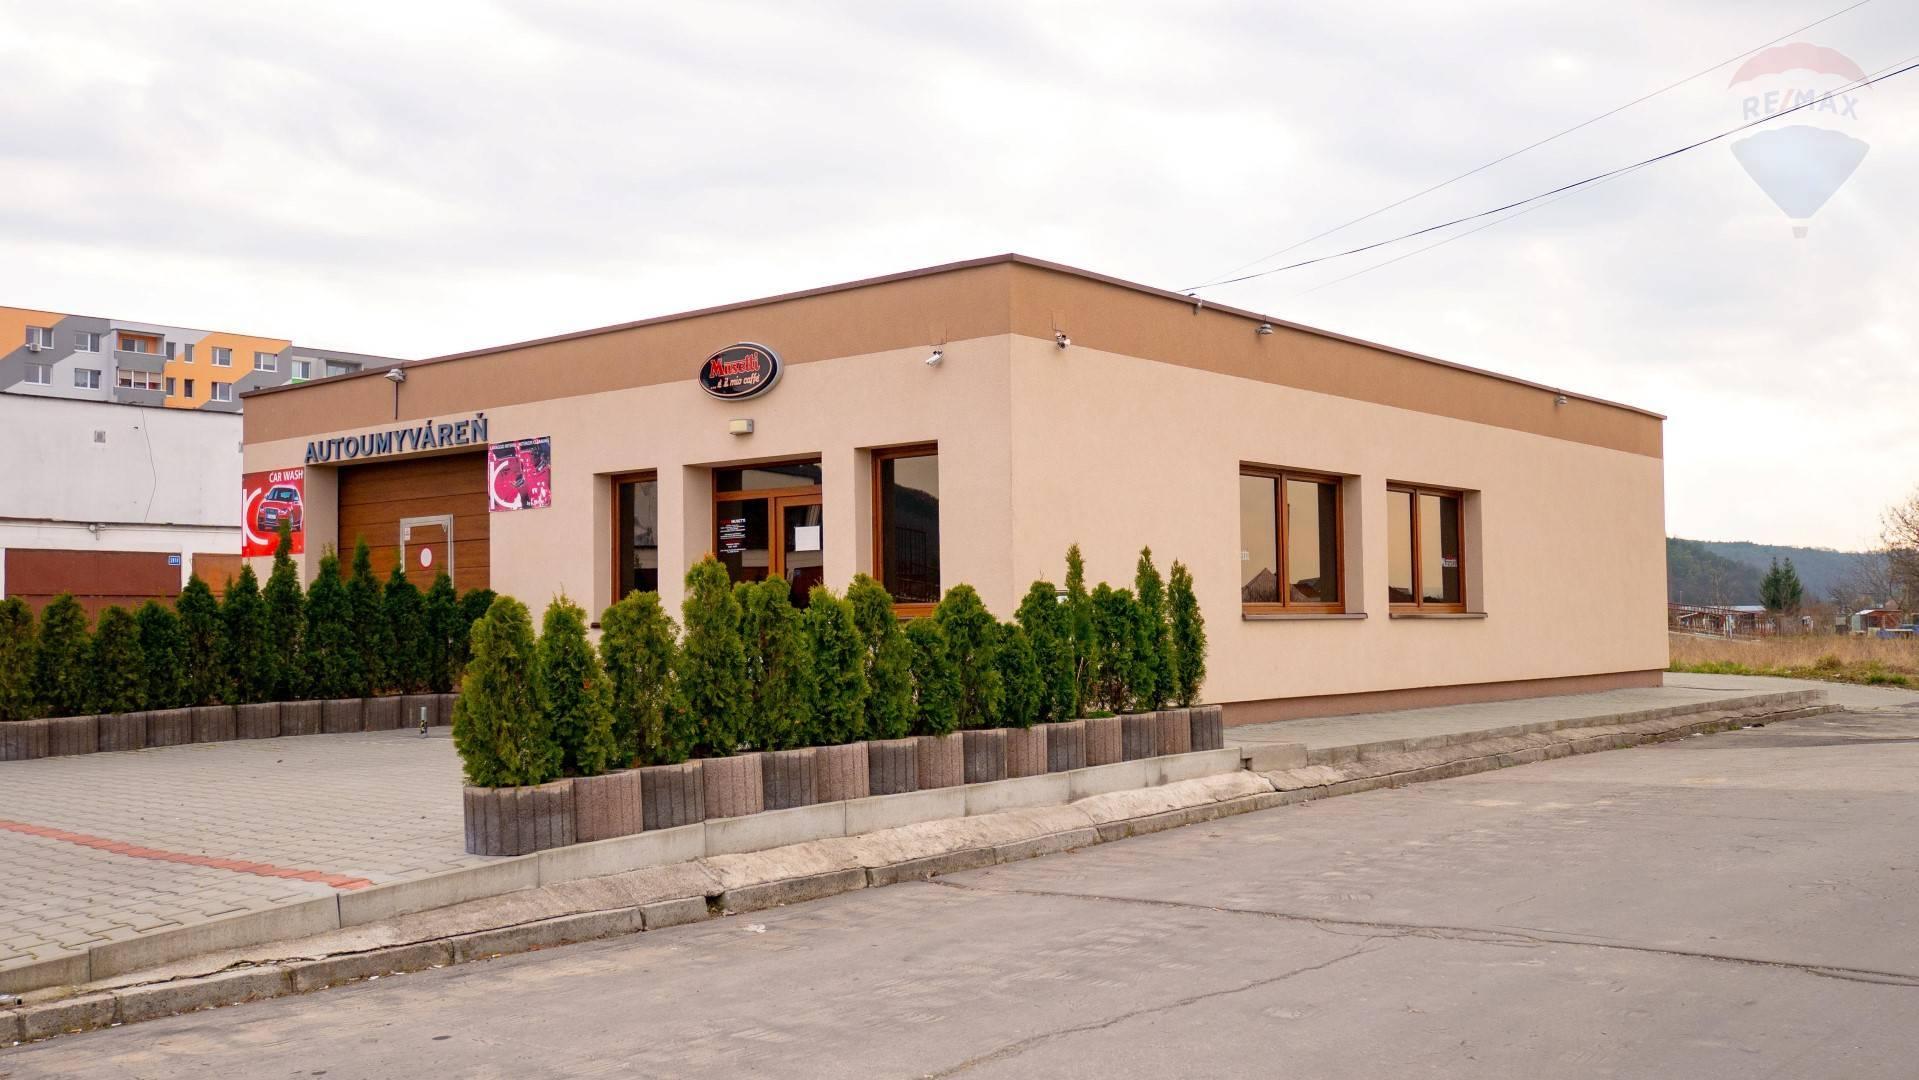 PREDAJ - AUTOUMYVÁREŇ  s kaviarňou, na parcele 532 m2 , Pod Šípkom - PARTIZÁNSKE